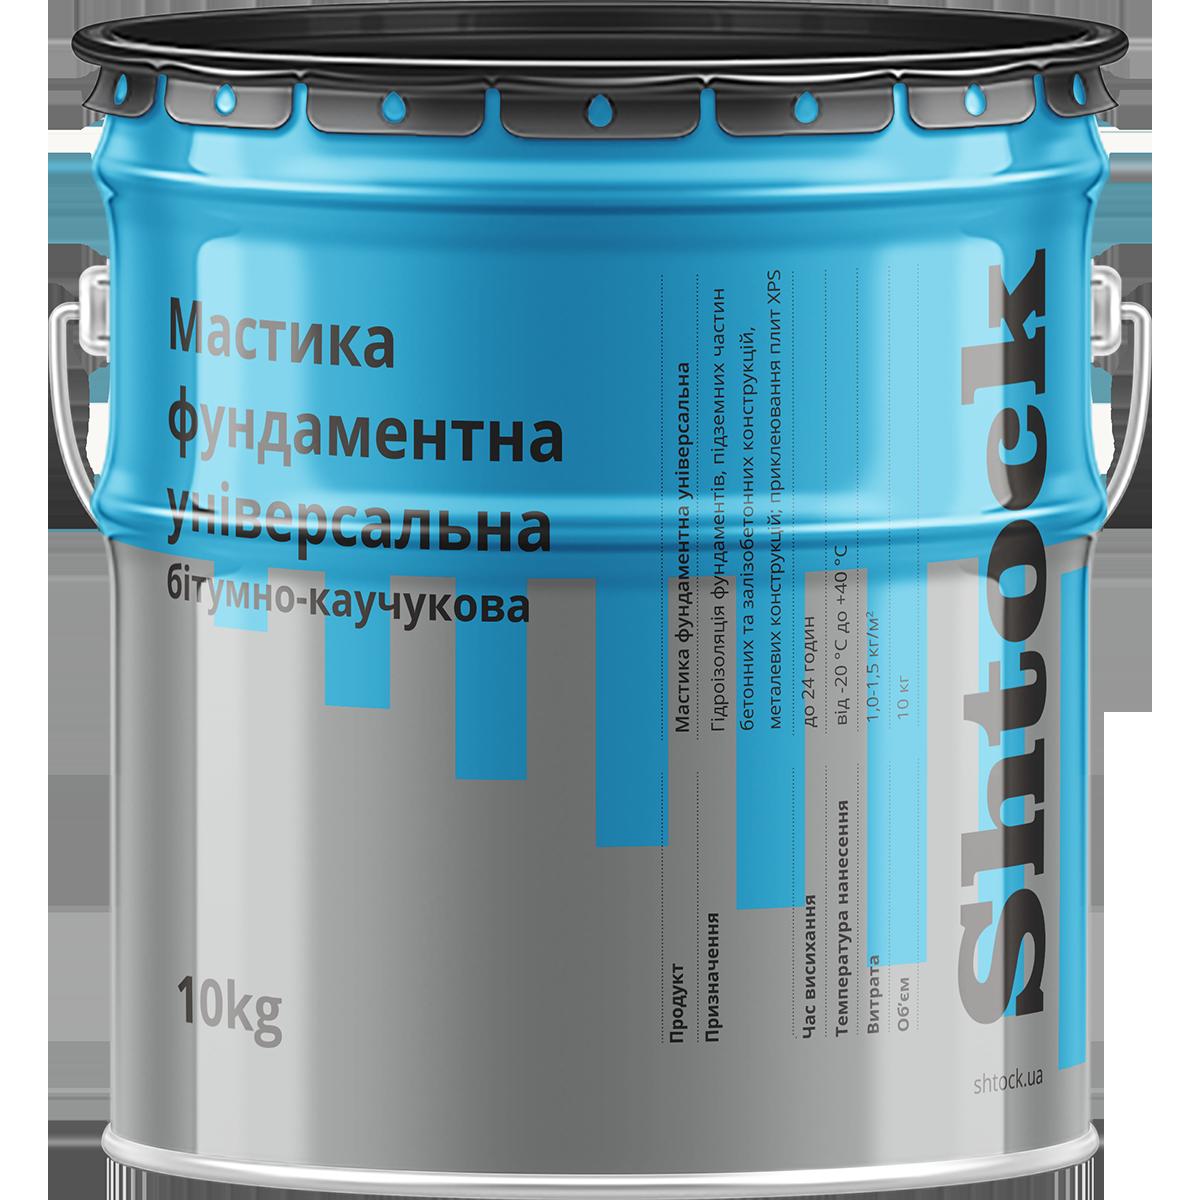 Мастика битумно-каучуковая фундаментная, 10 кг